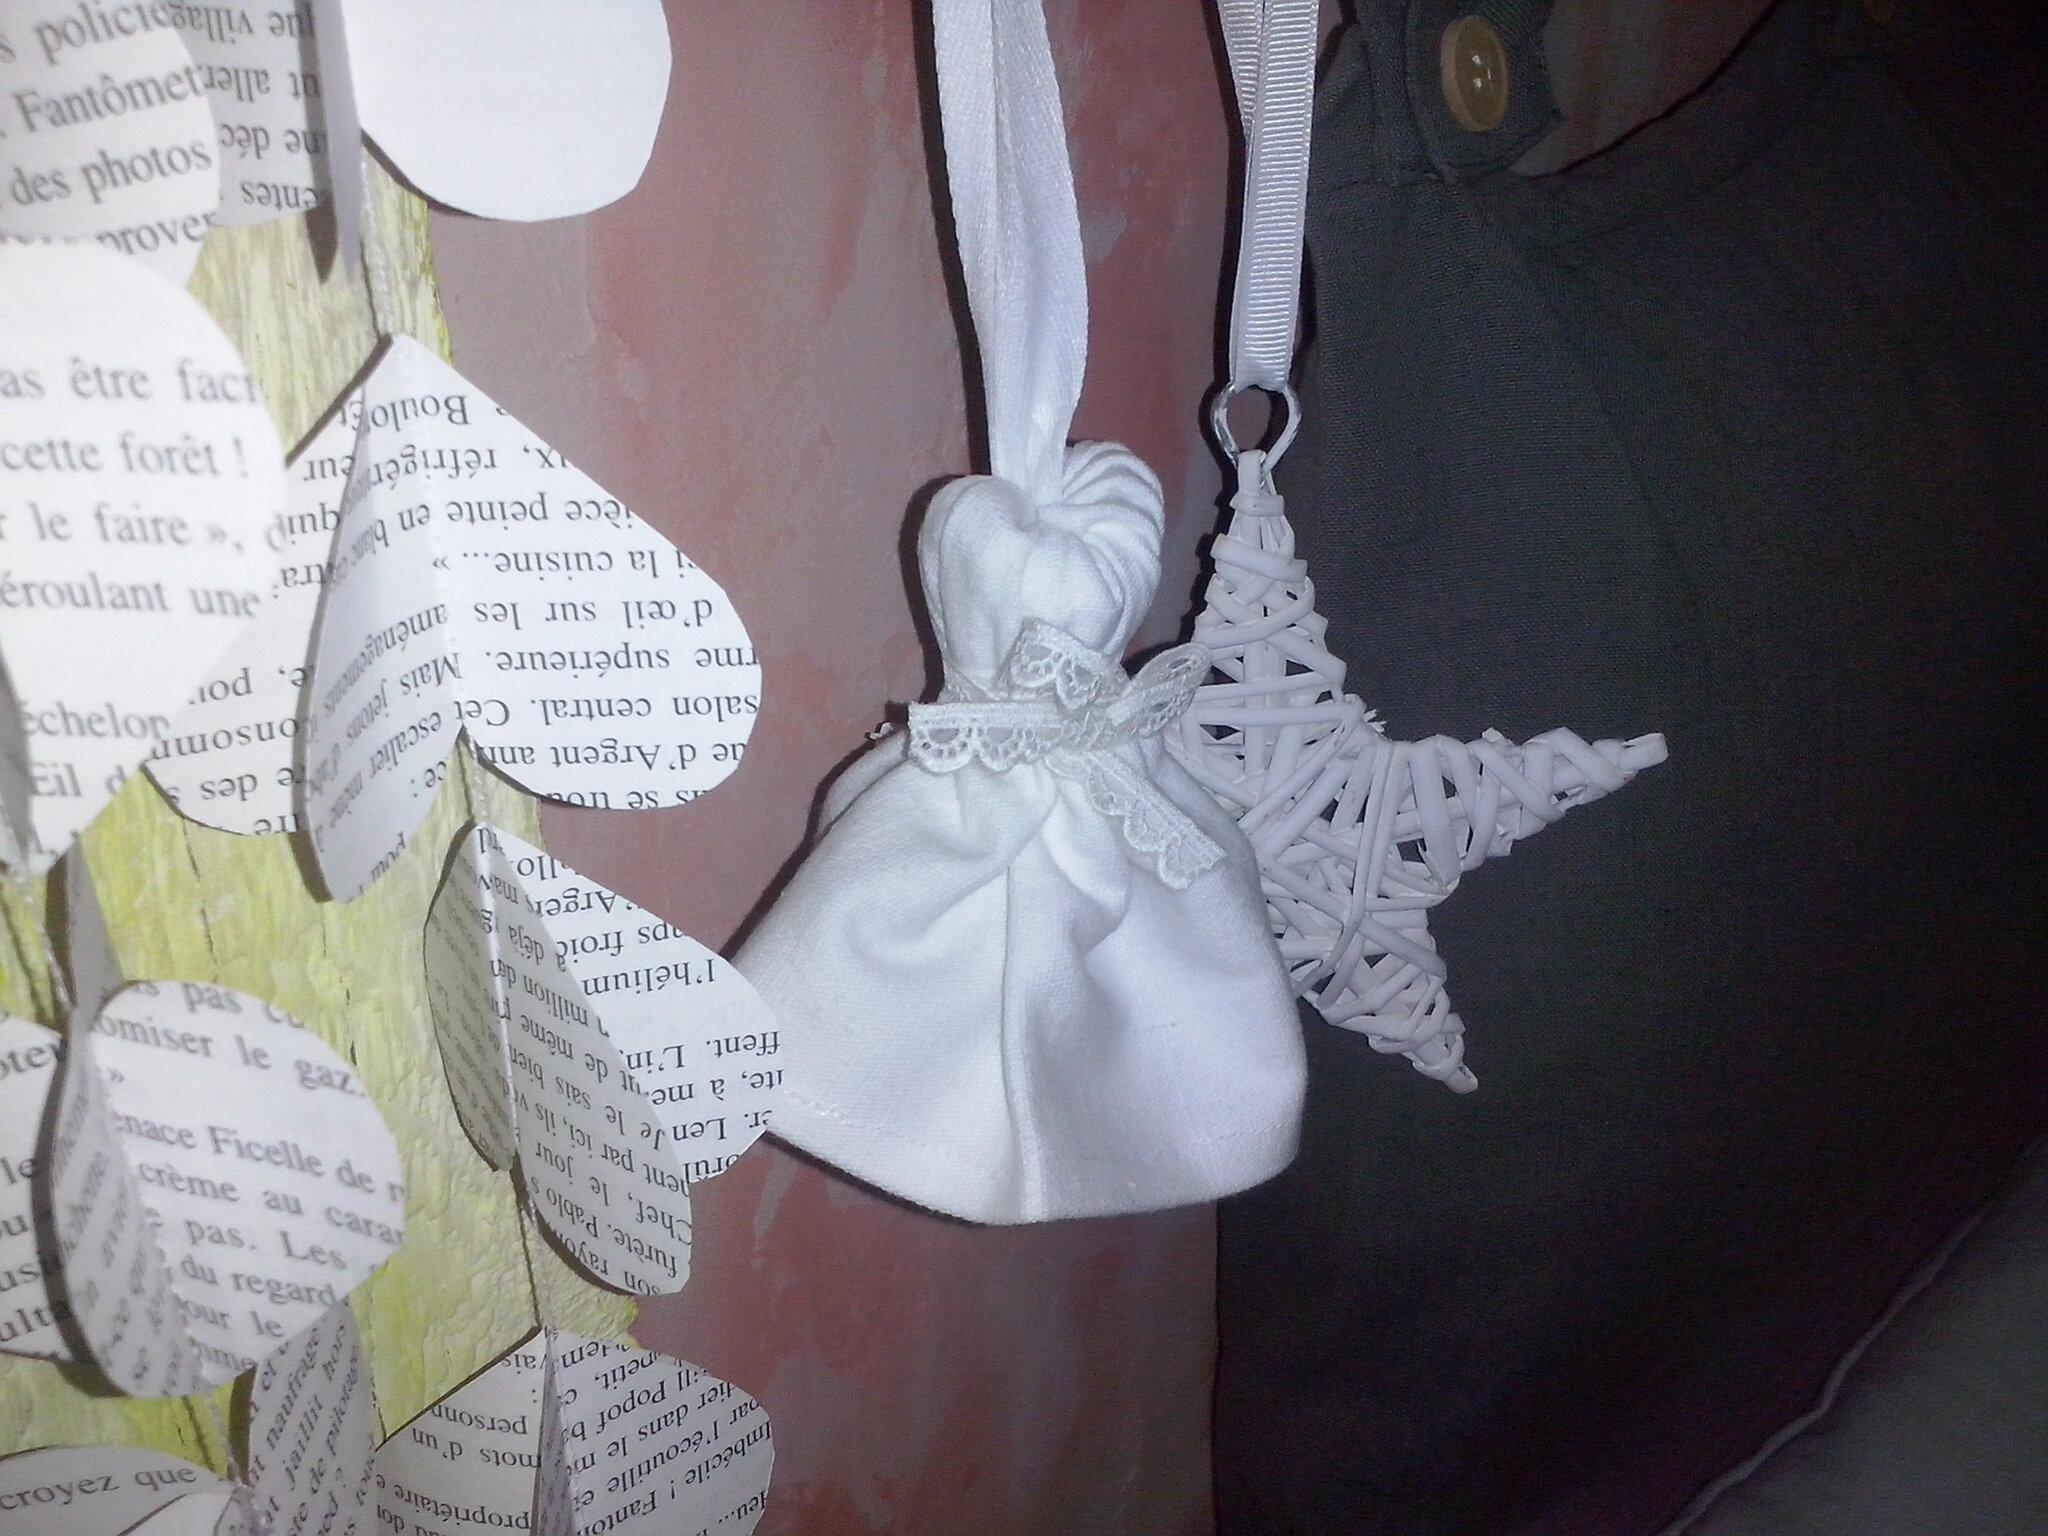 Pompon tissu